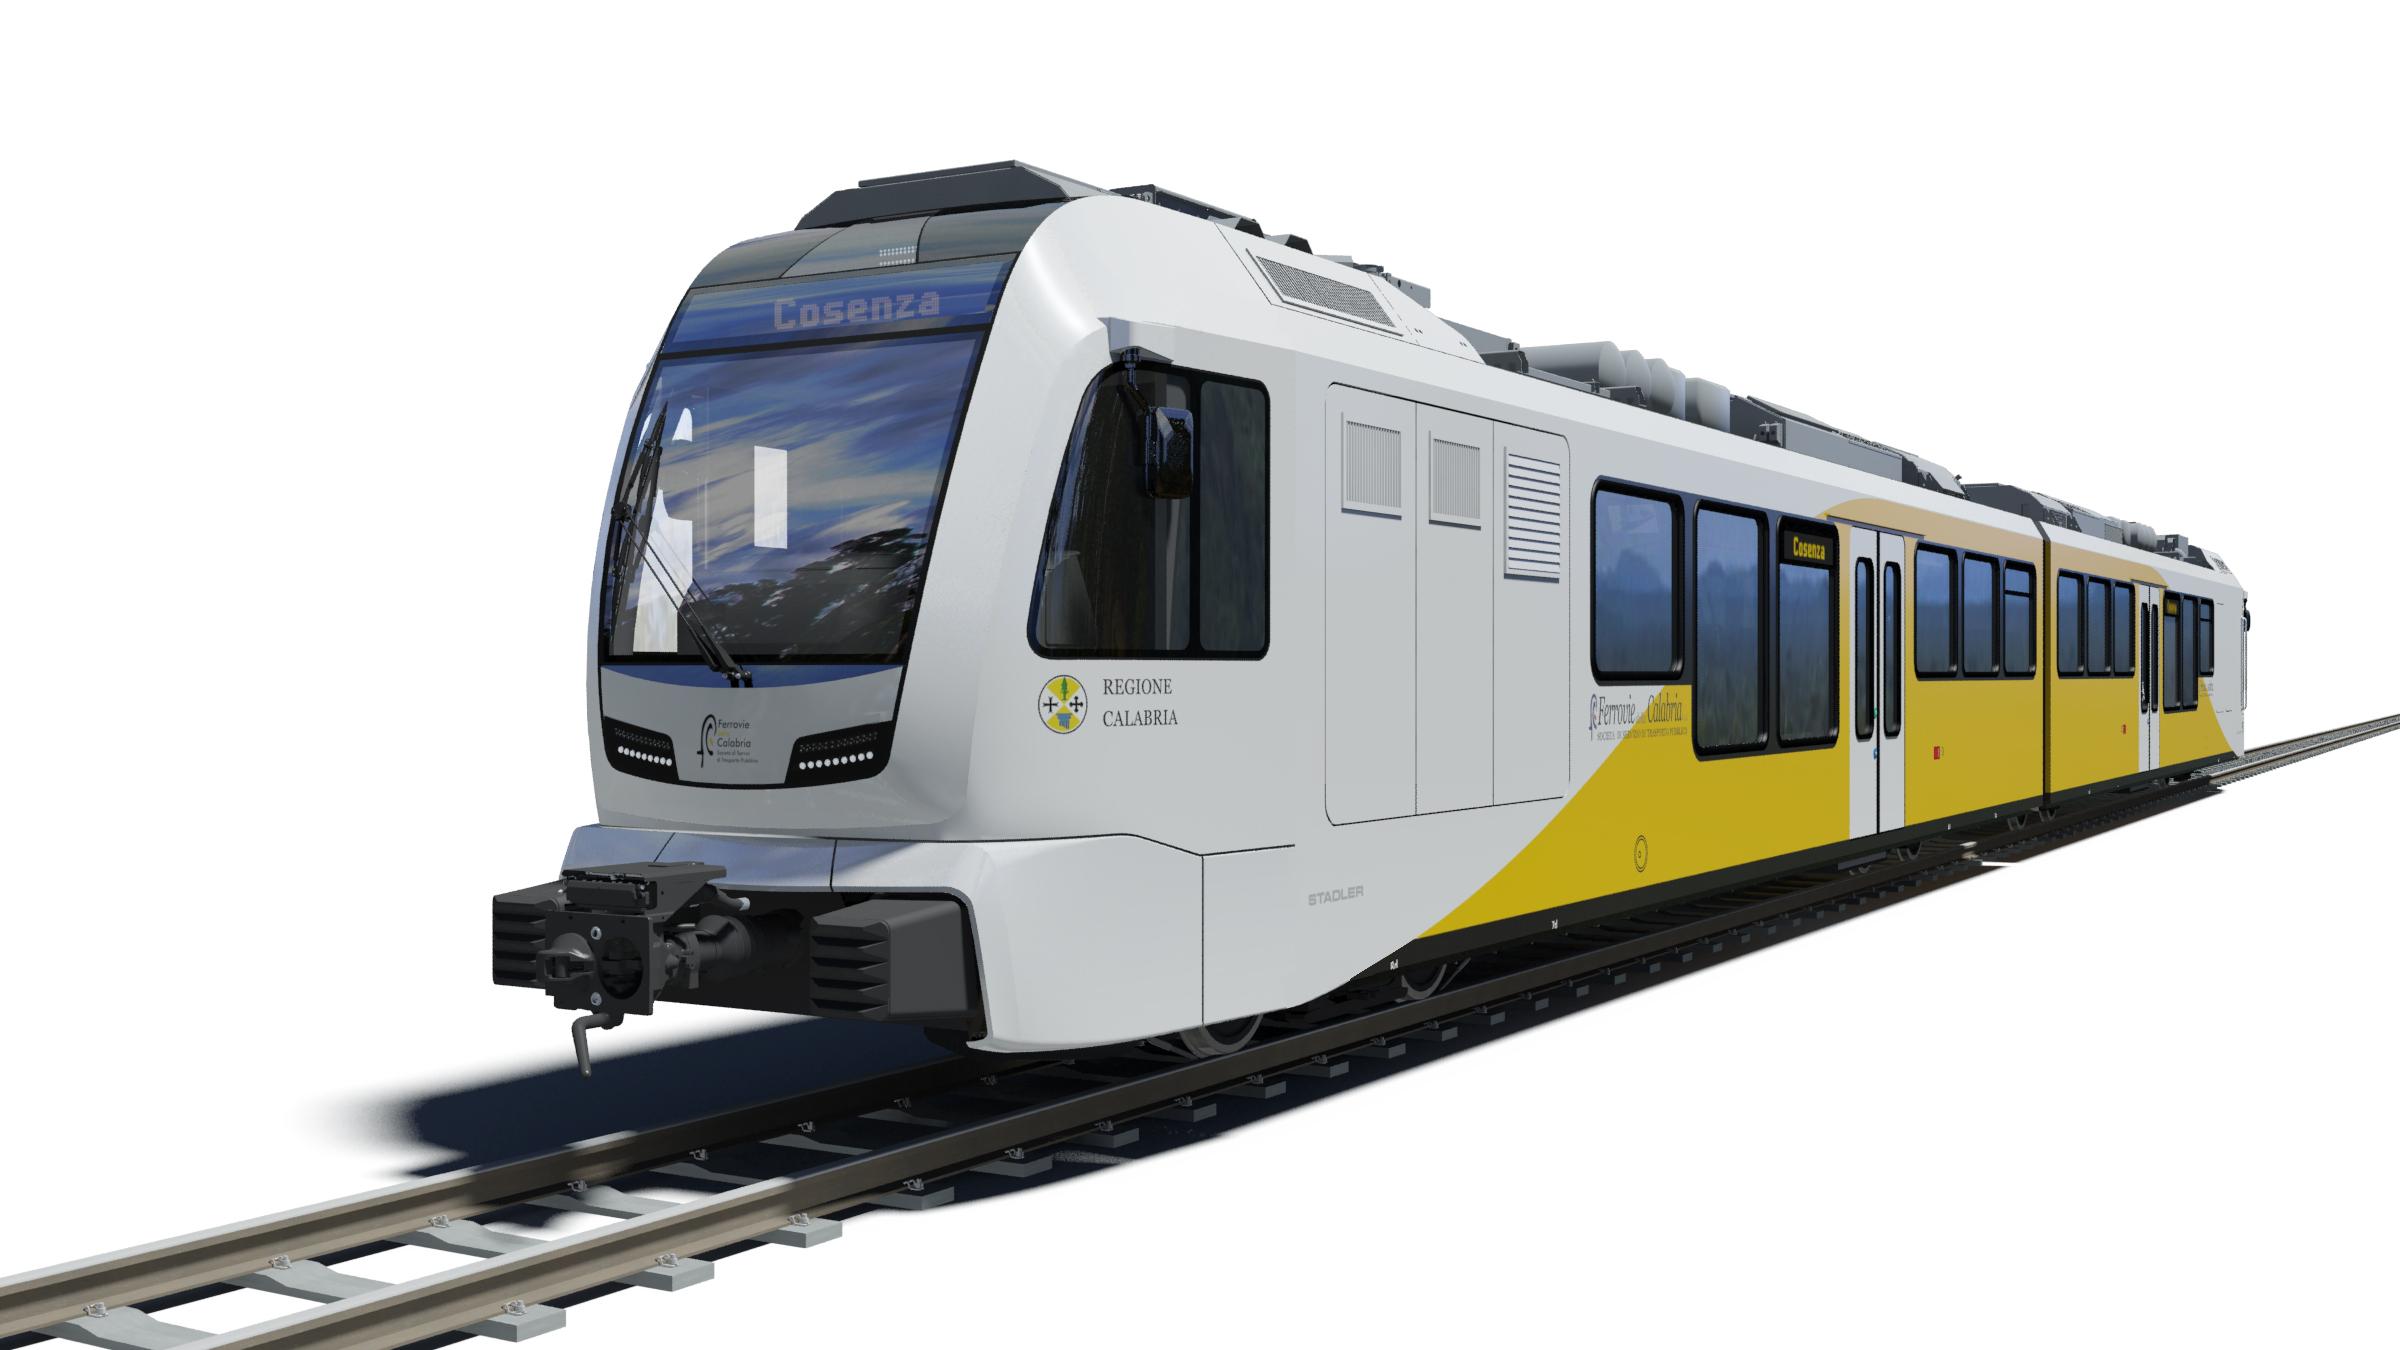 treni – Ferrovie della Calabria